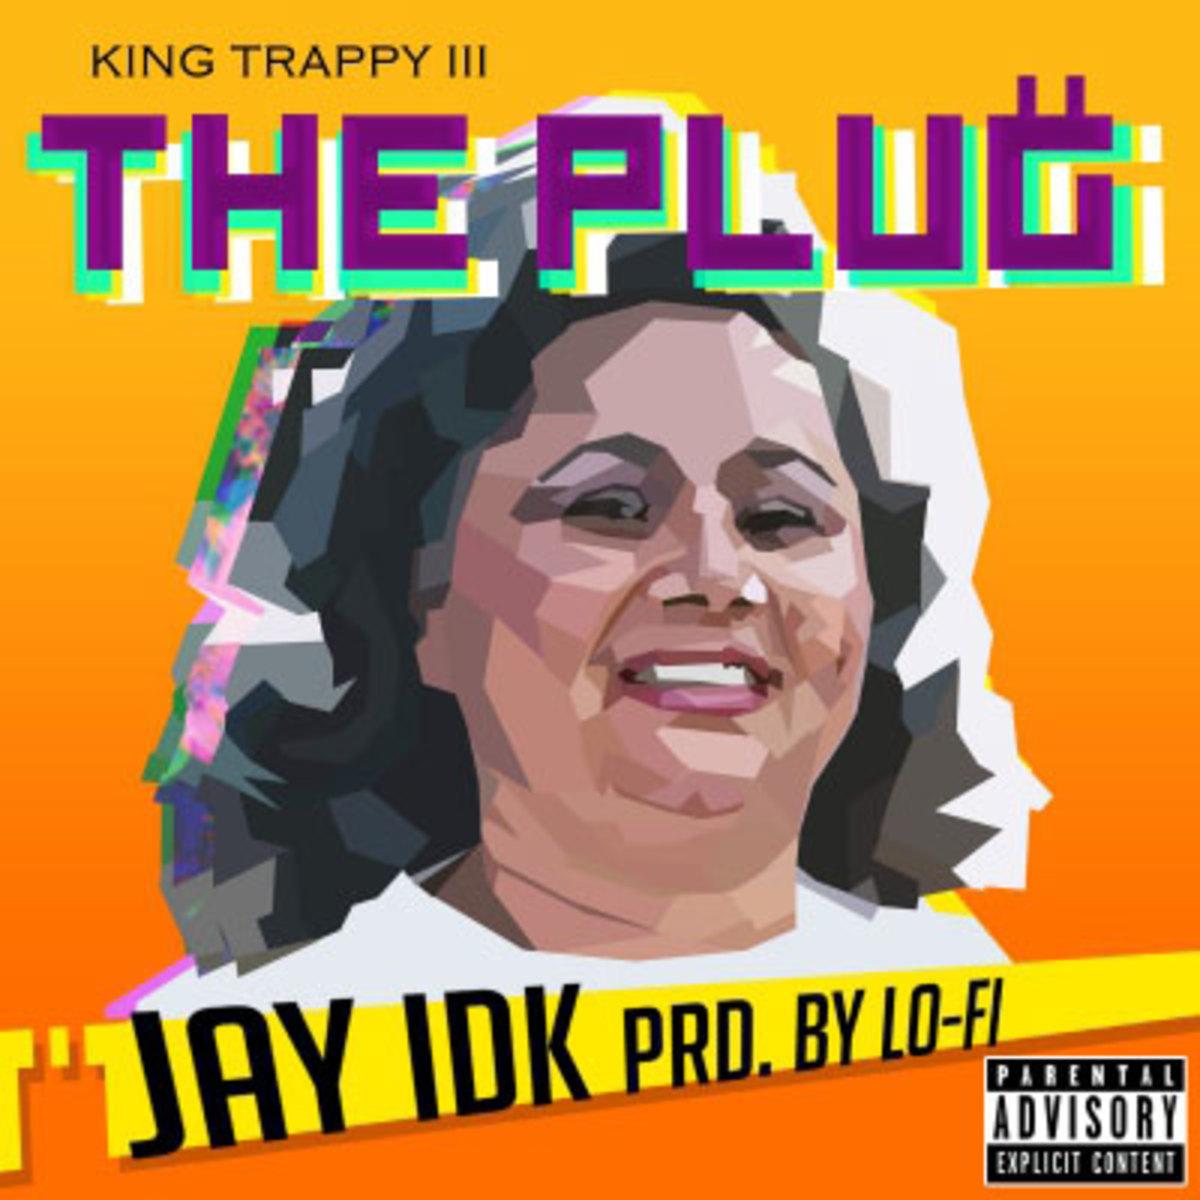 jay-idk-the-plug.jpg